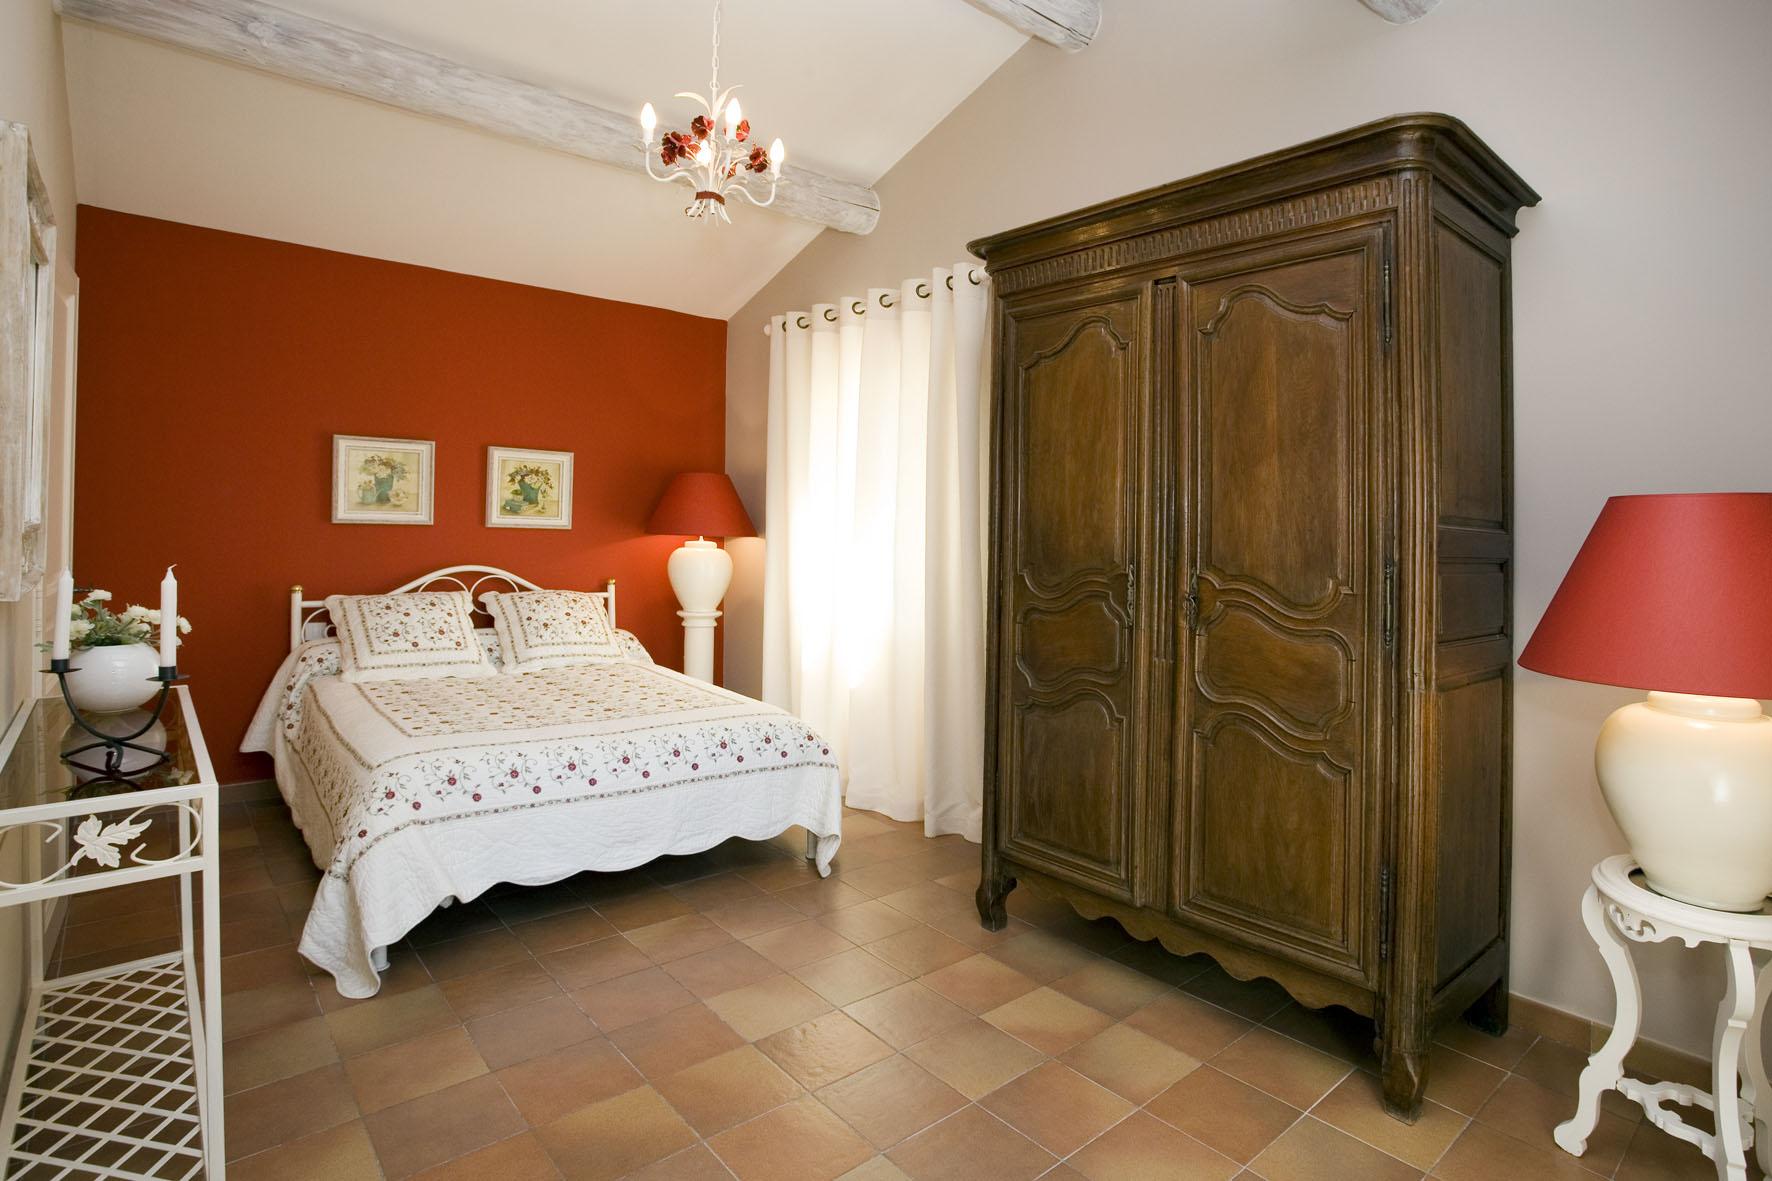 A vendre,  villa de 5 chambres avec piscine sur Saint-Antoine, L'Isle-sur-la-Sorgue